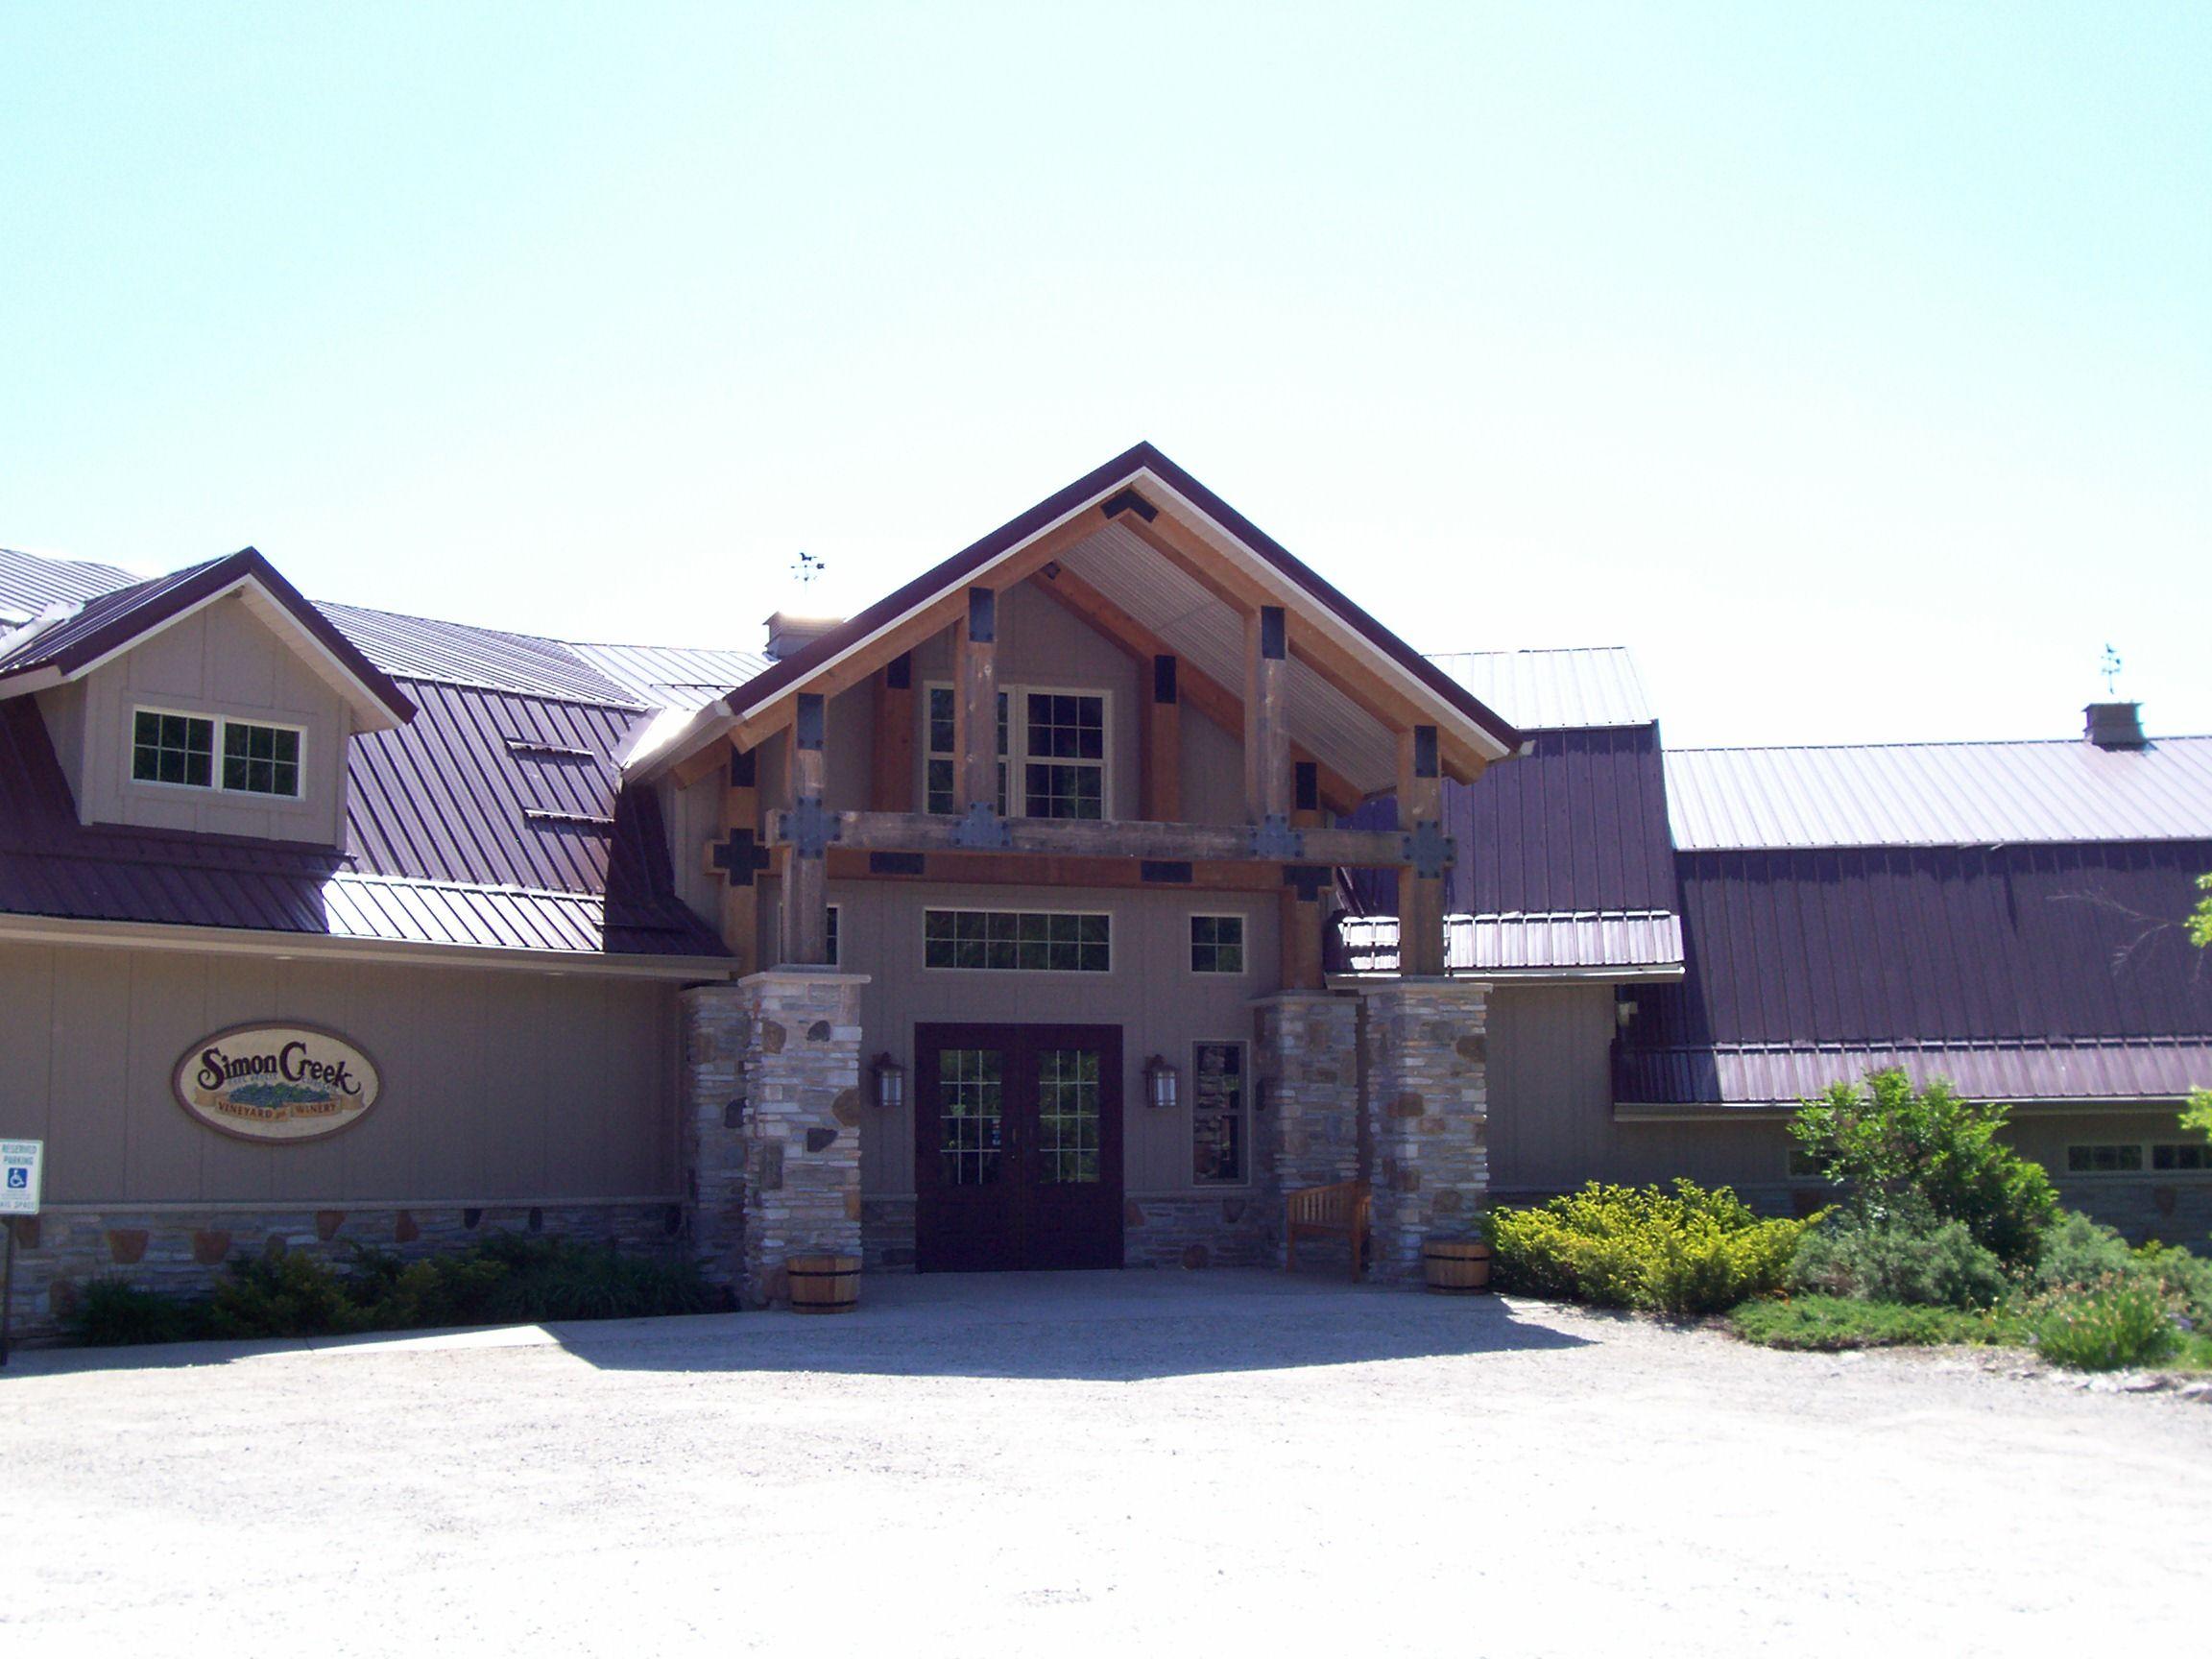 Simon Creek Winery Door County Wi Wisconsin Wineries Door County Wi Door County